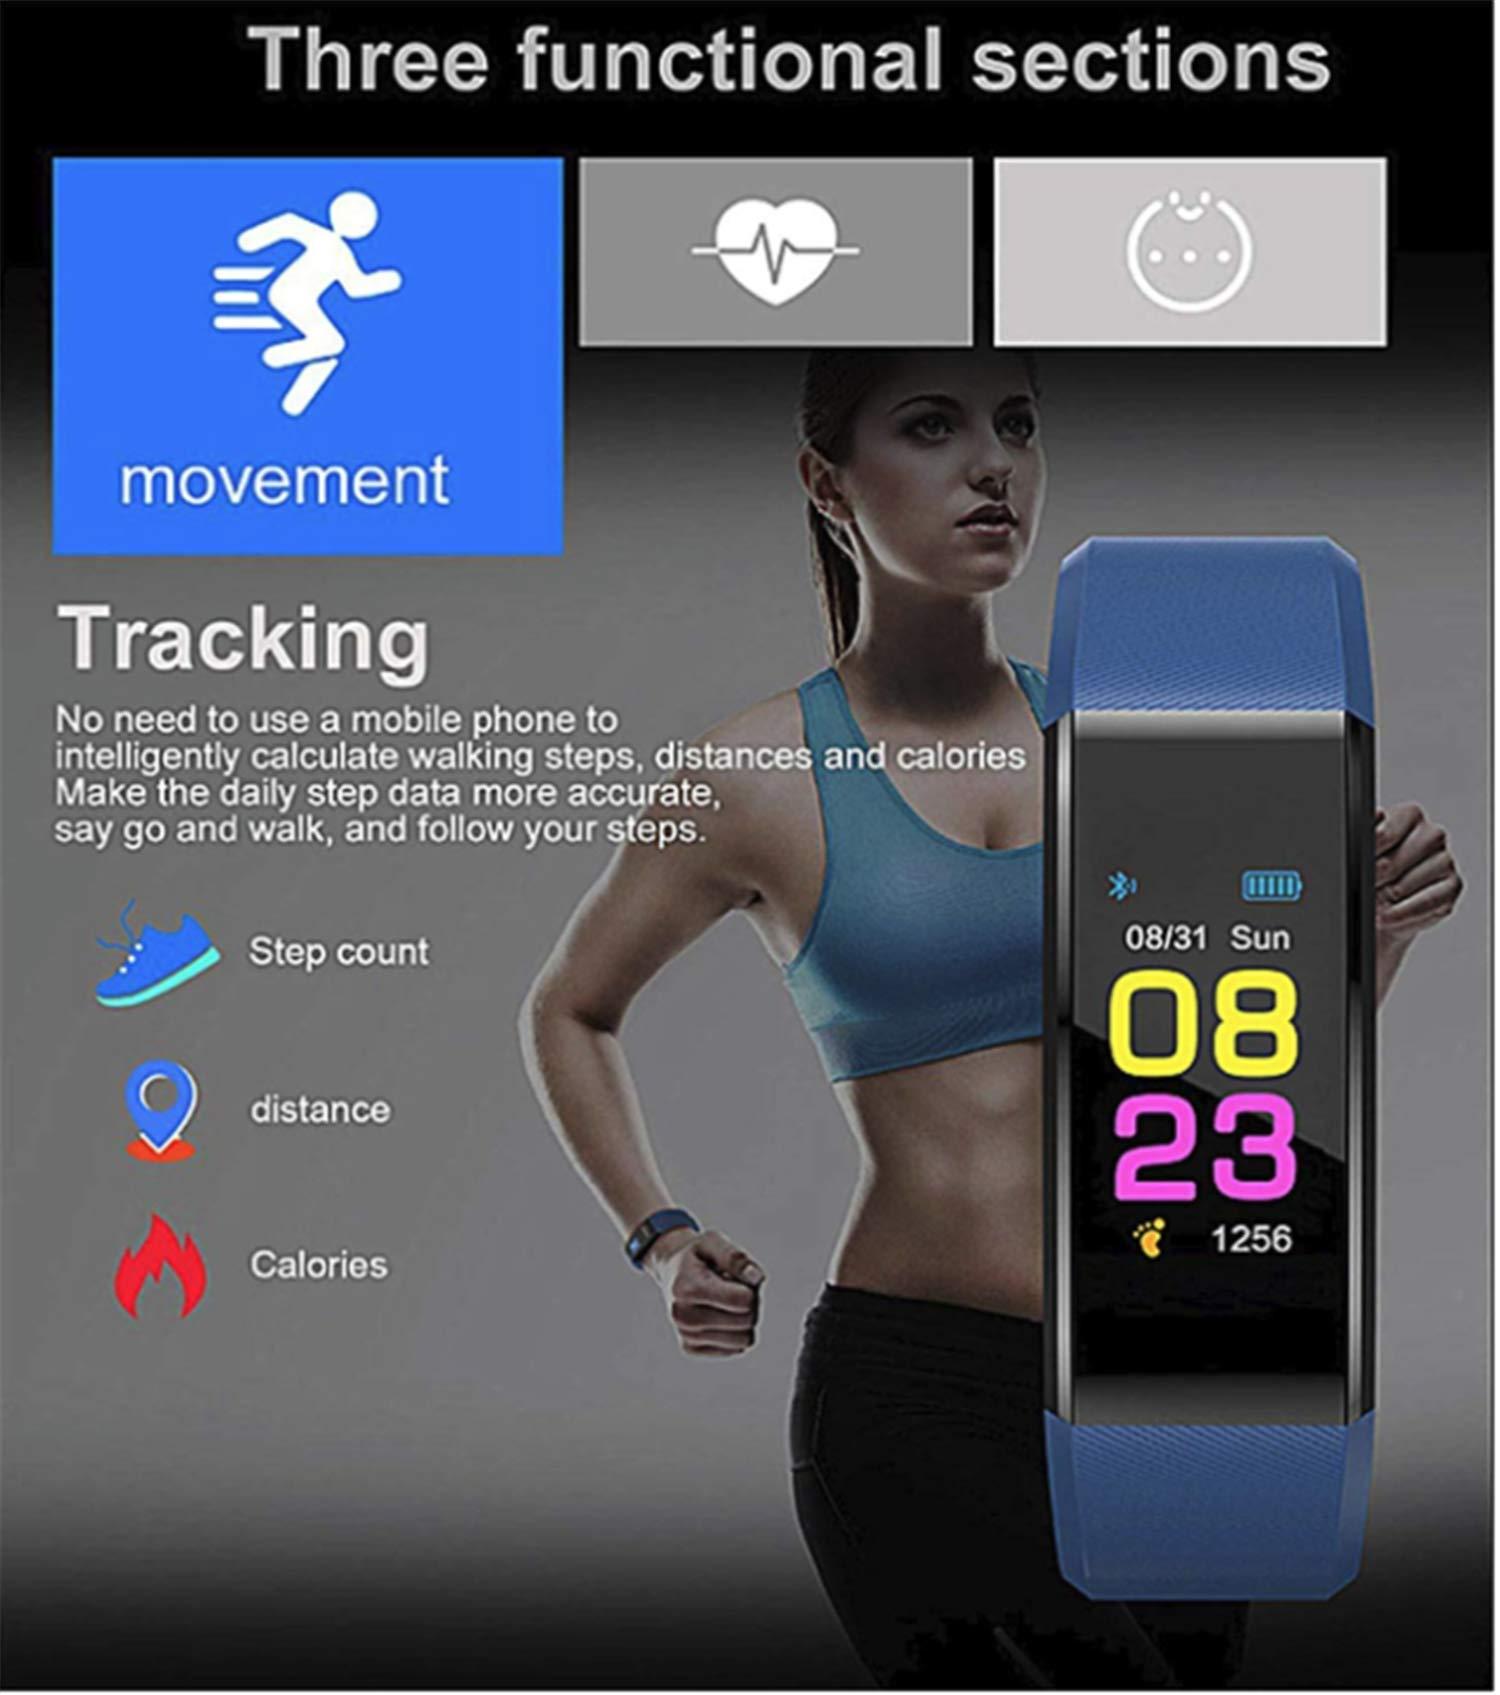 Pulsera Actividad,Impermeable IP67 Pulsera Inteligente con Pulsómetro, Reloj Inteligente para Deporte, Podómetro, Pulsera Deporte para Android y iOS Teléfono móvil para Hombres Mujeres Niños 2